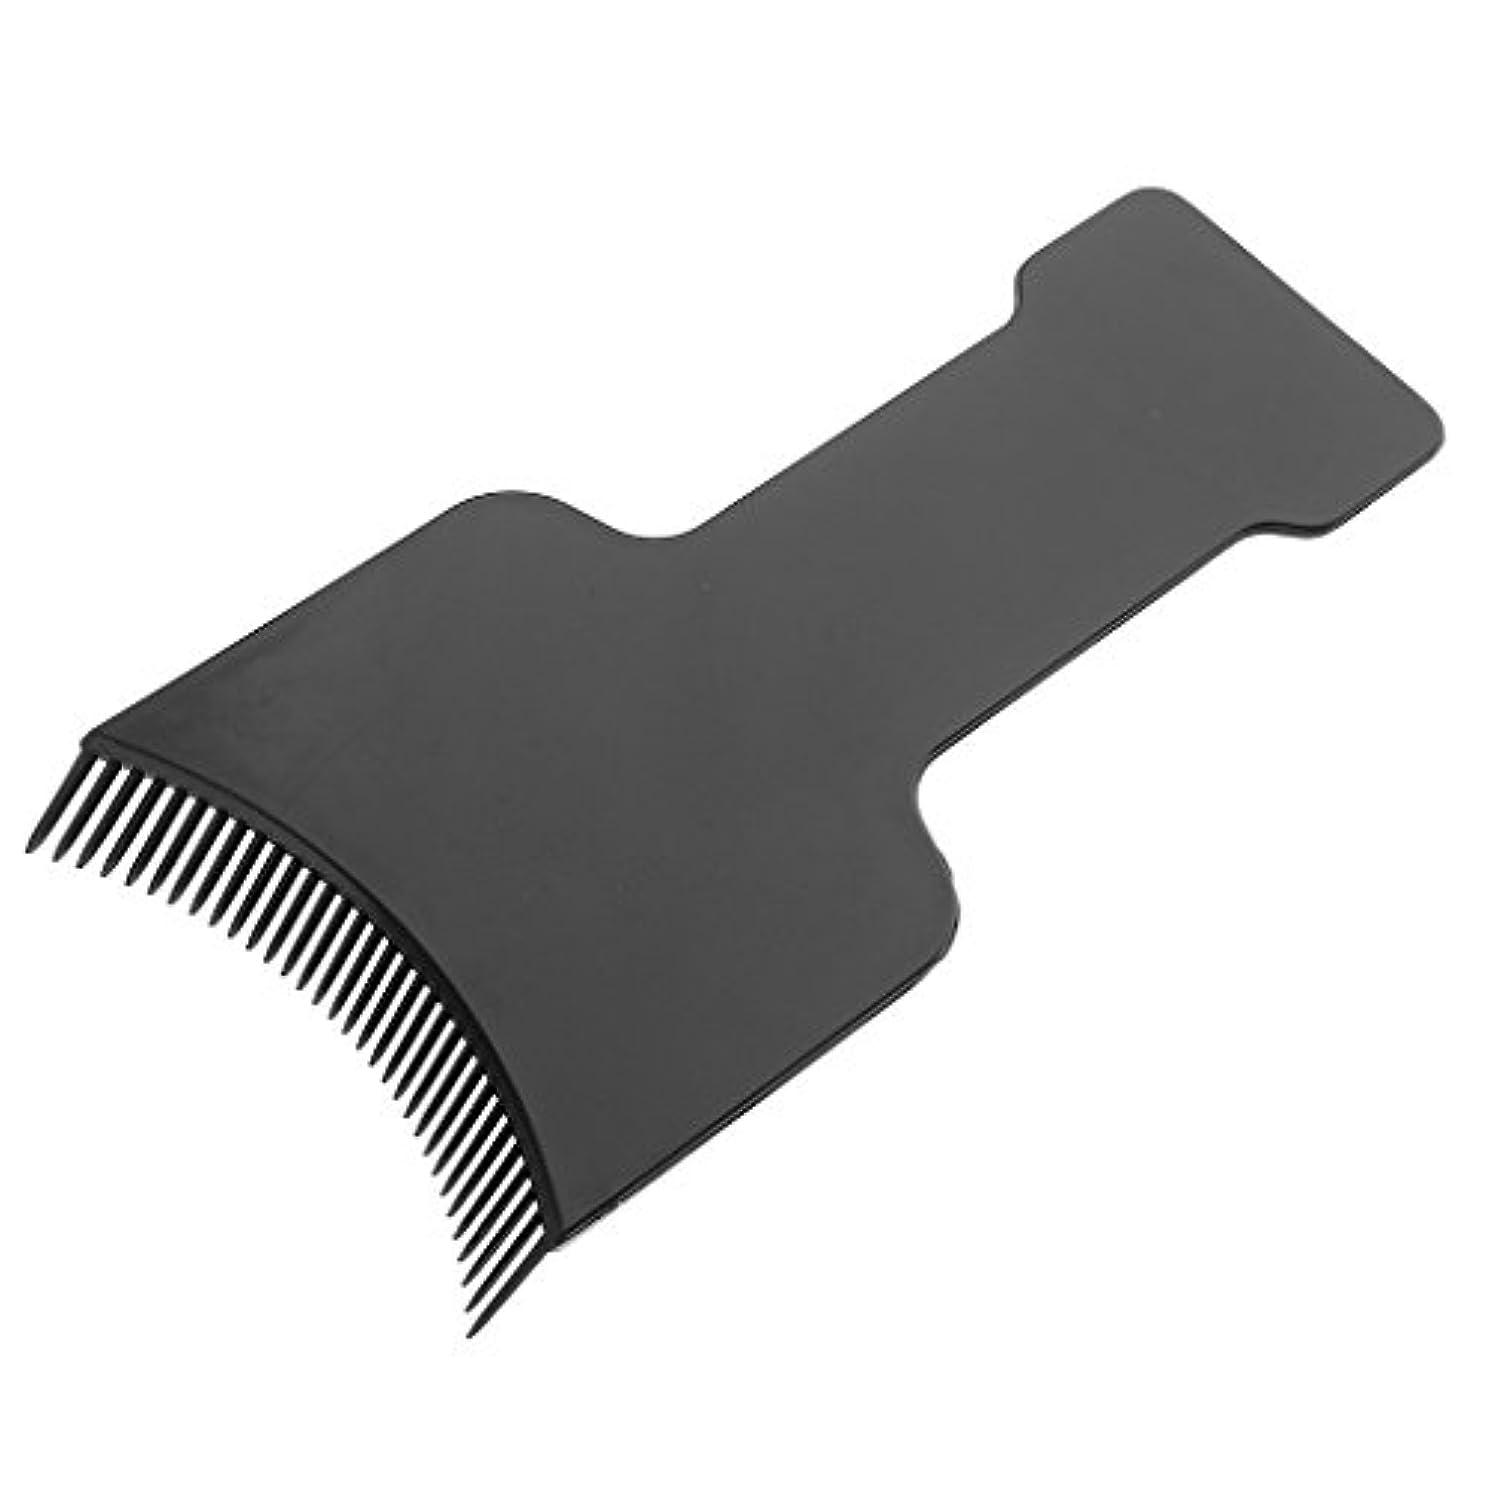 部分的あいにく小麦粉Fenteer ヘアカラー ボード 髪 染色 ツール ブラック 全4サイズ - S